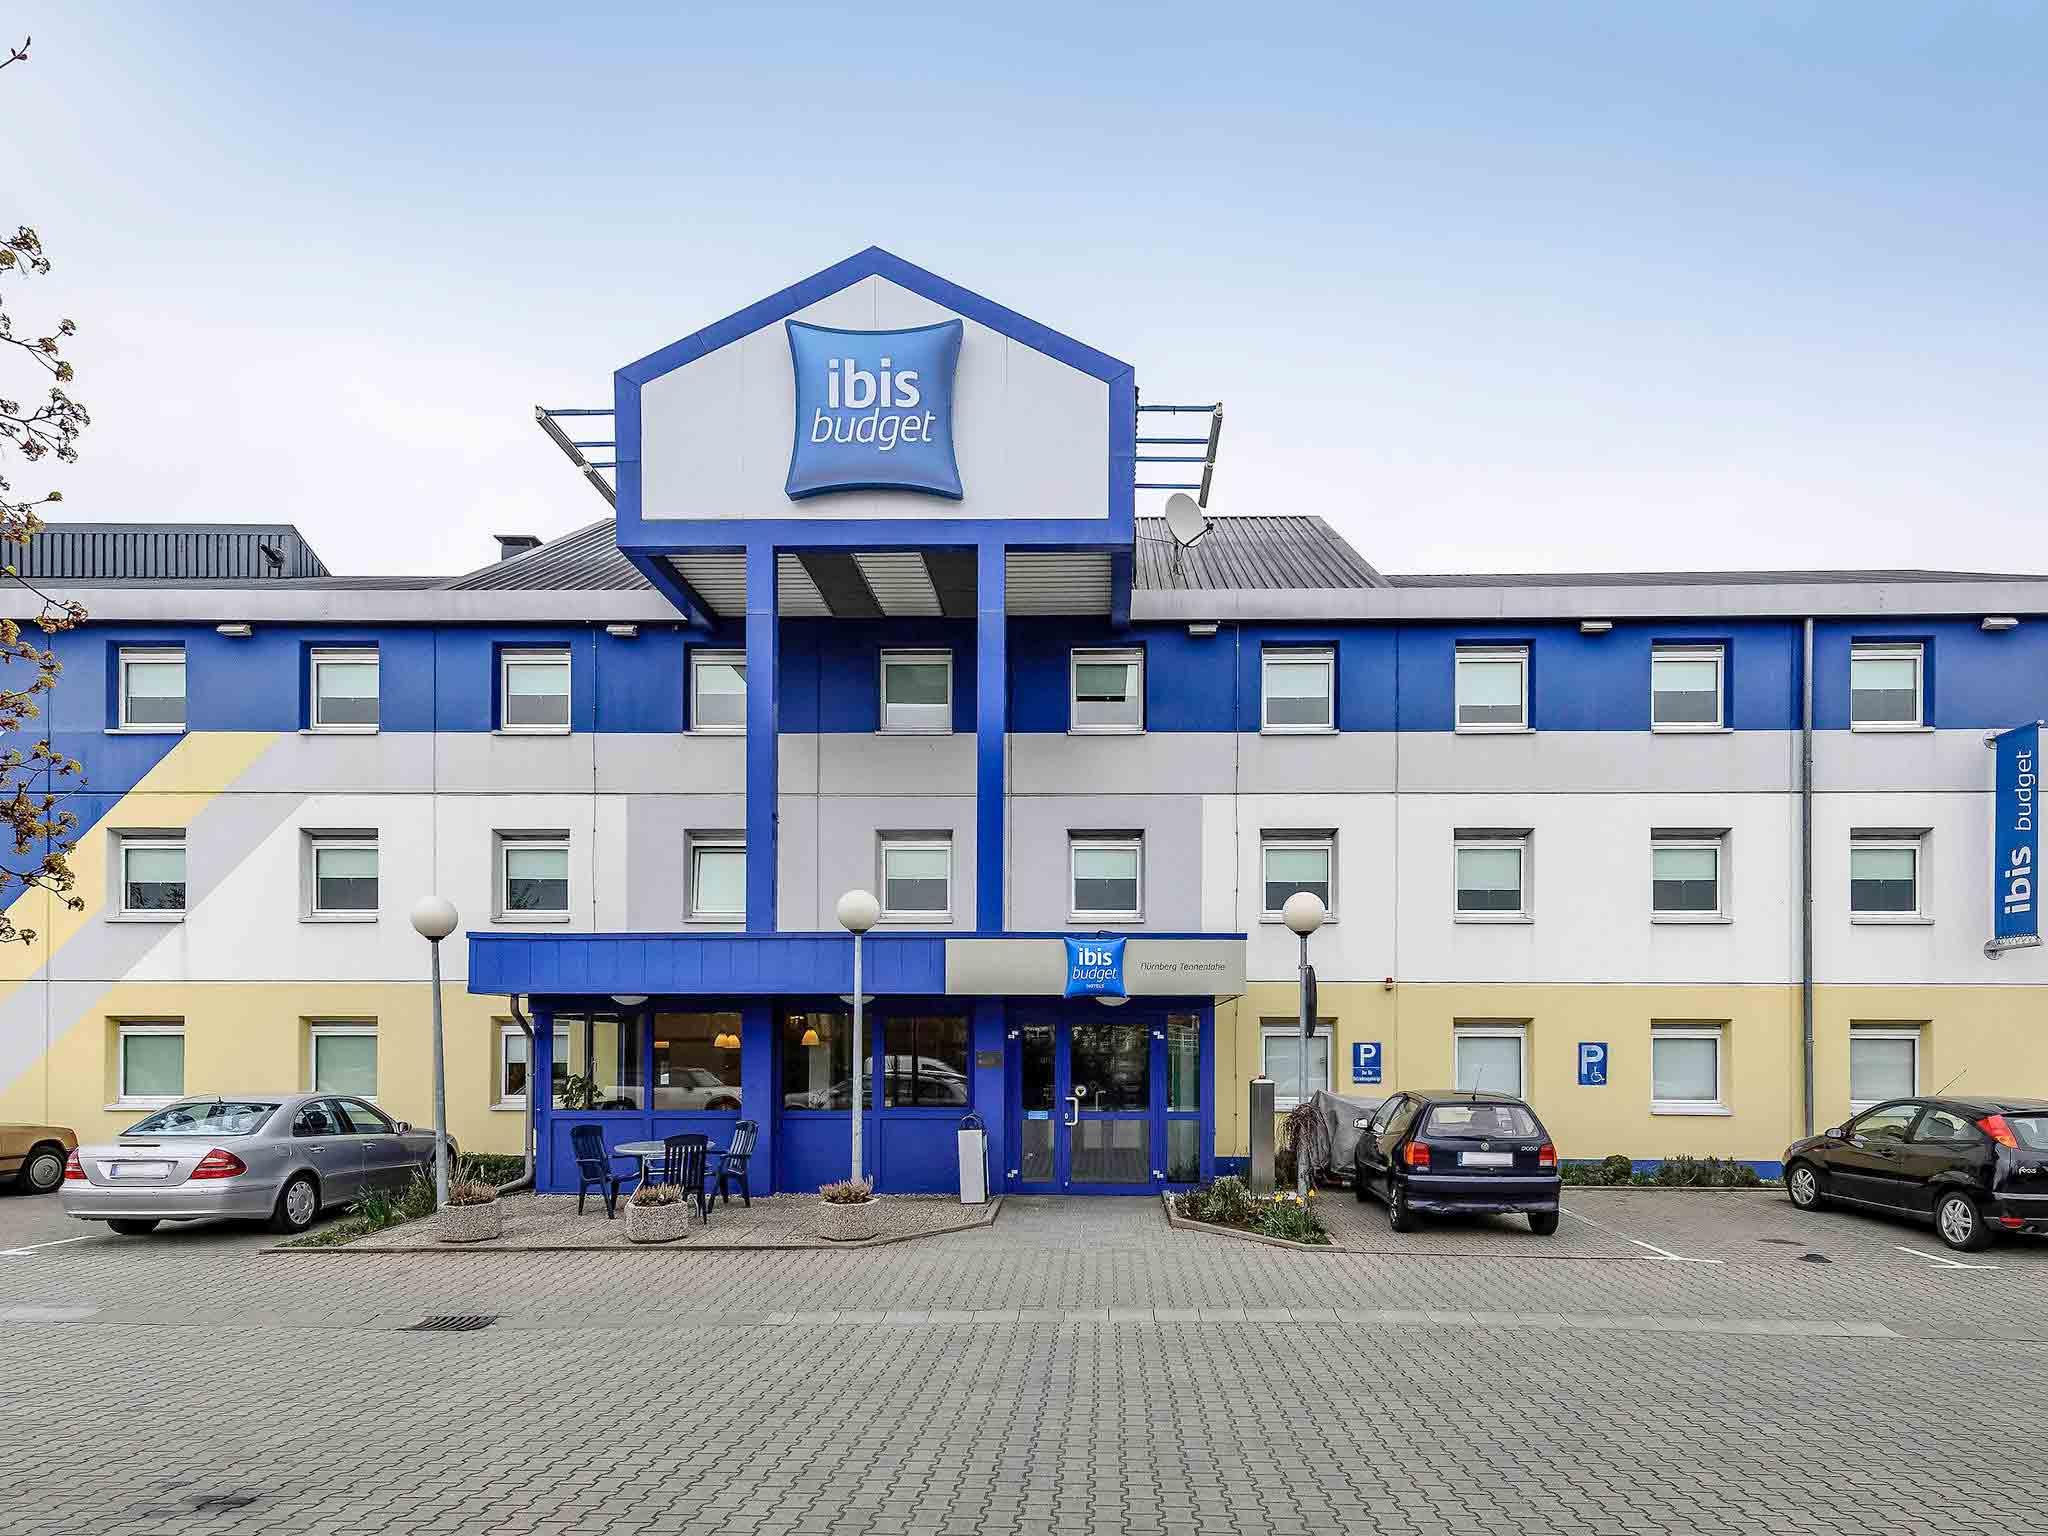 Hotel – ibis budget Nuernberg Tennenlohe